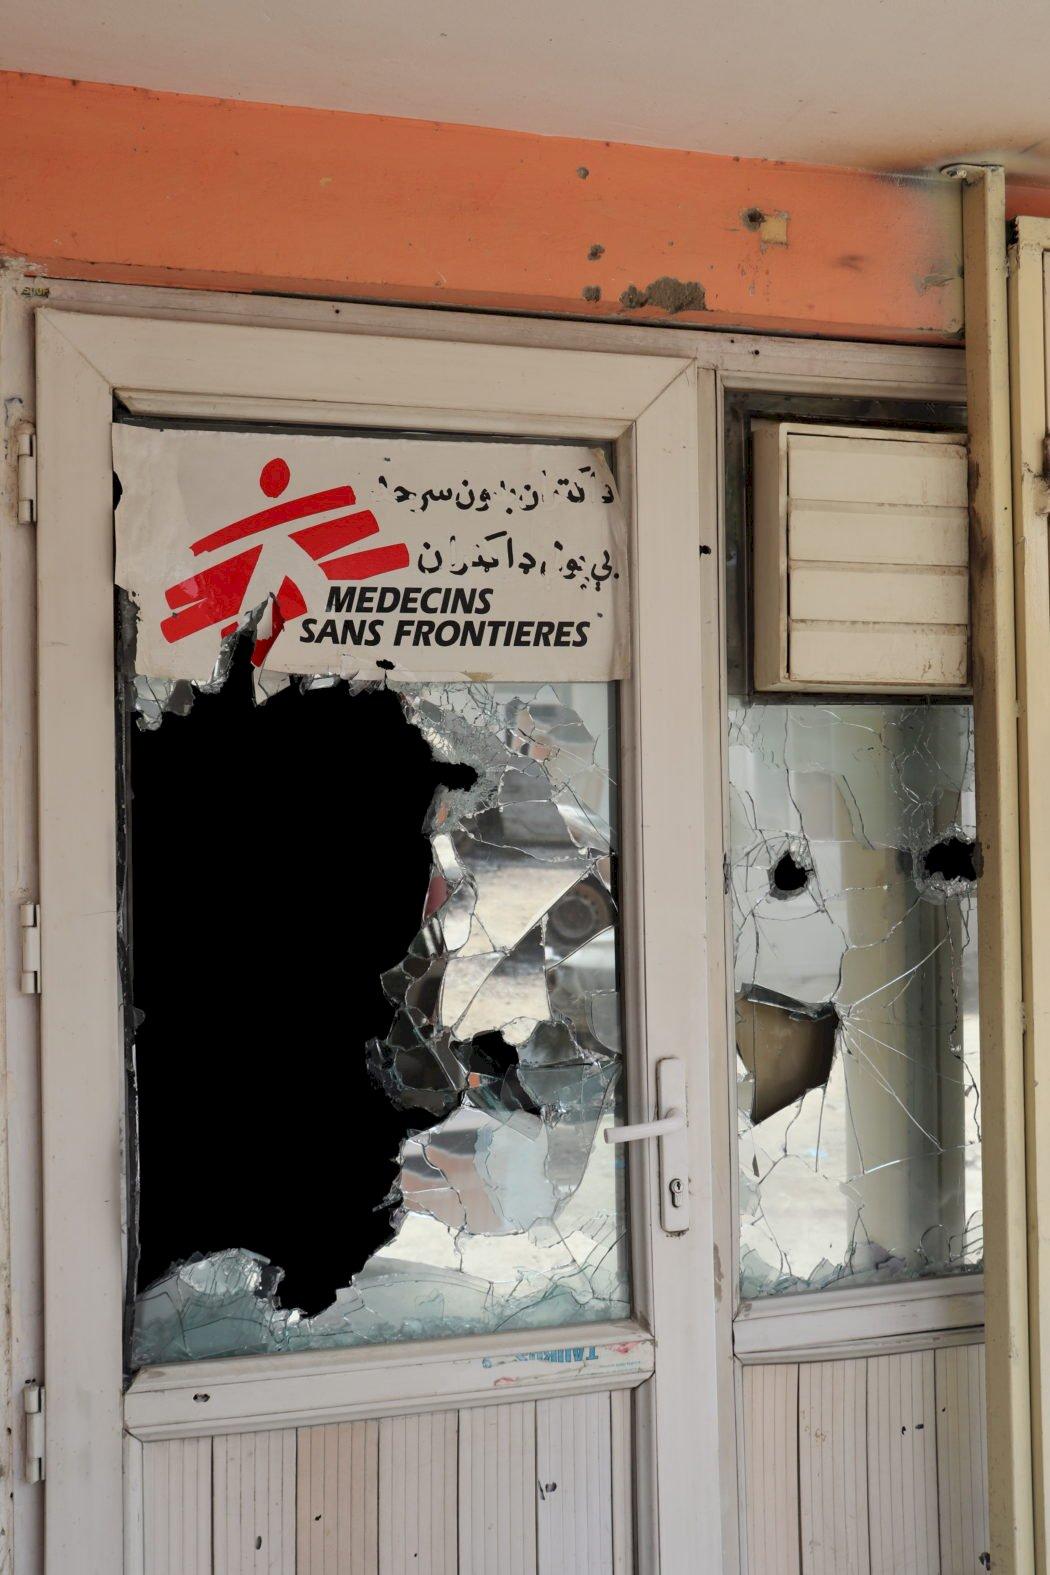 阿富汗醫院遇襲 MSF:暴徒前來殺產婦